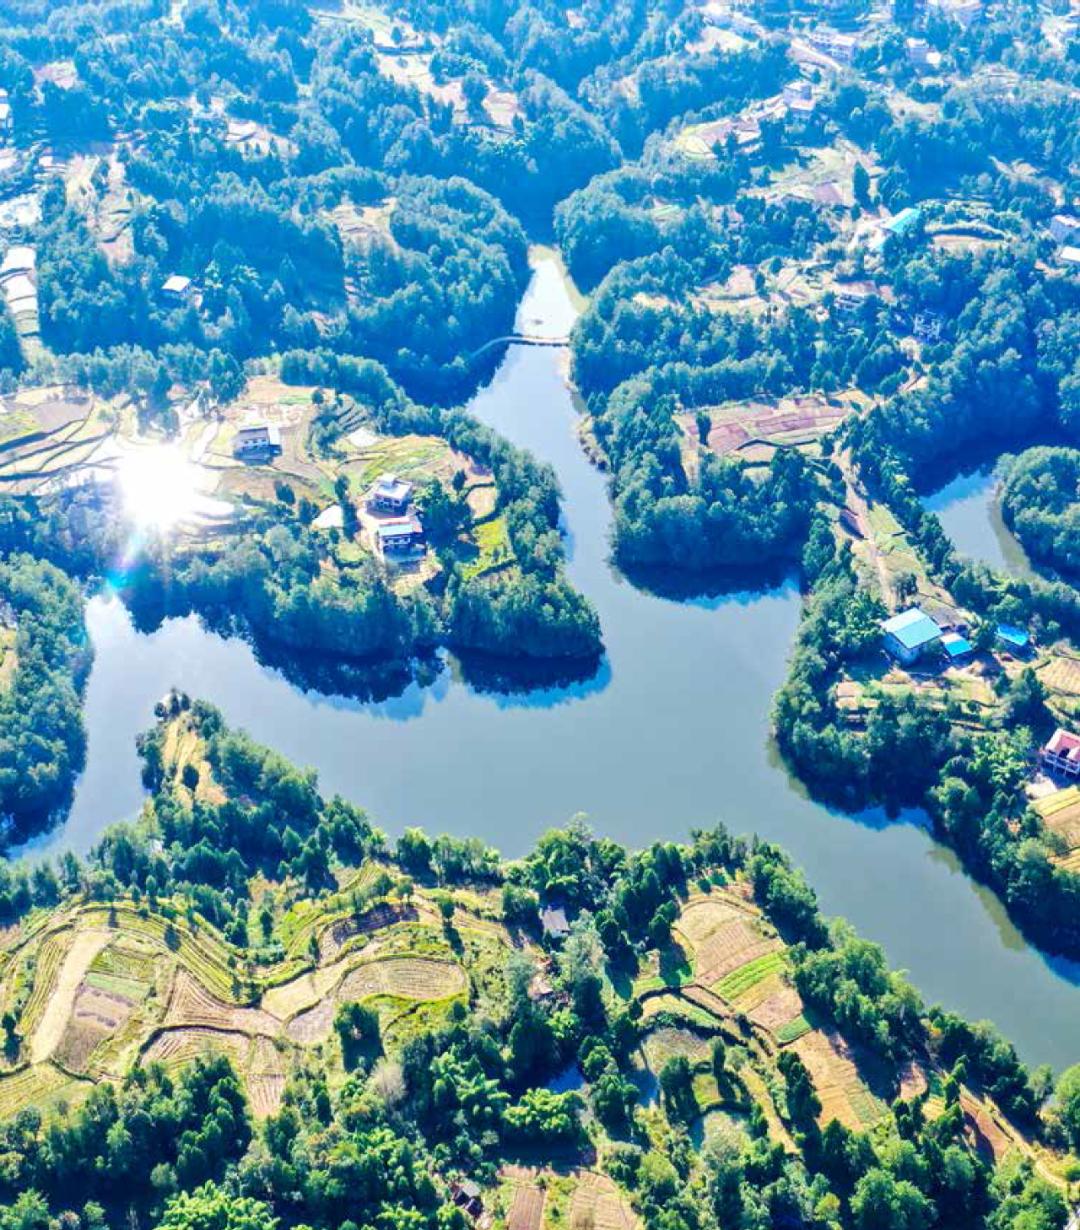 绿色发展示范案例(99) 国家生态文明建设示范区——四川省南充市仪陇县